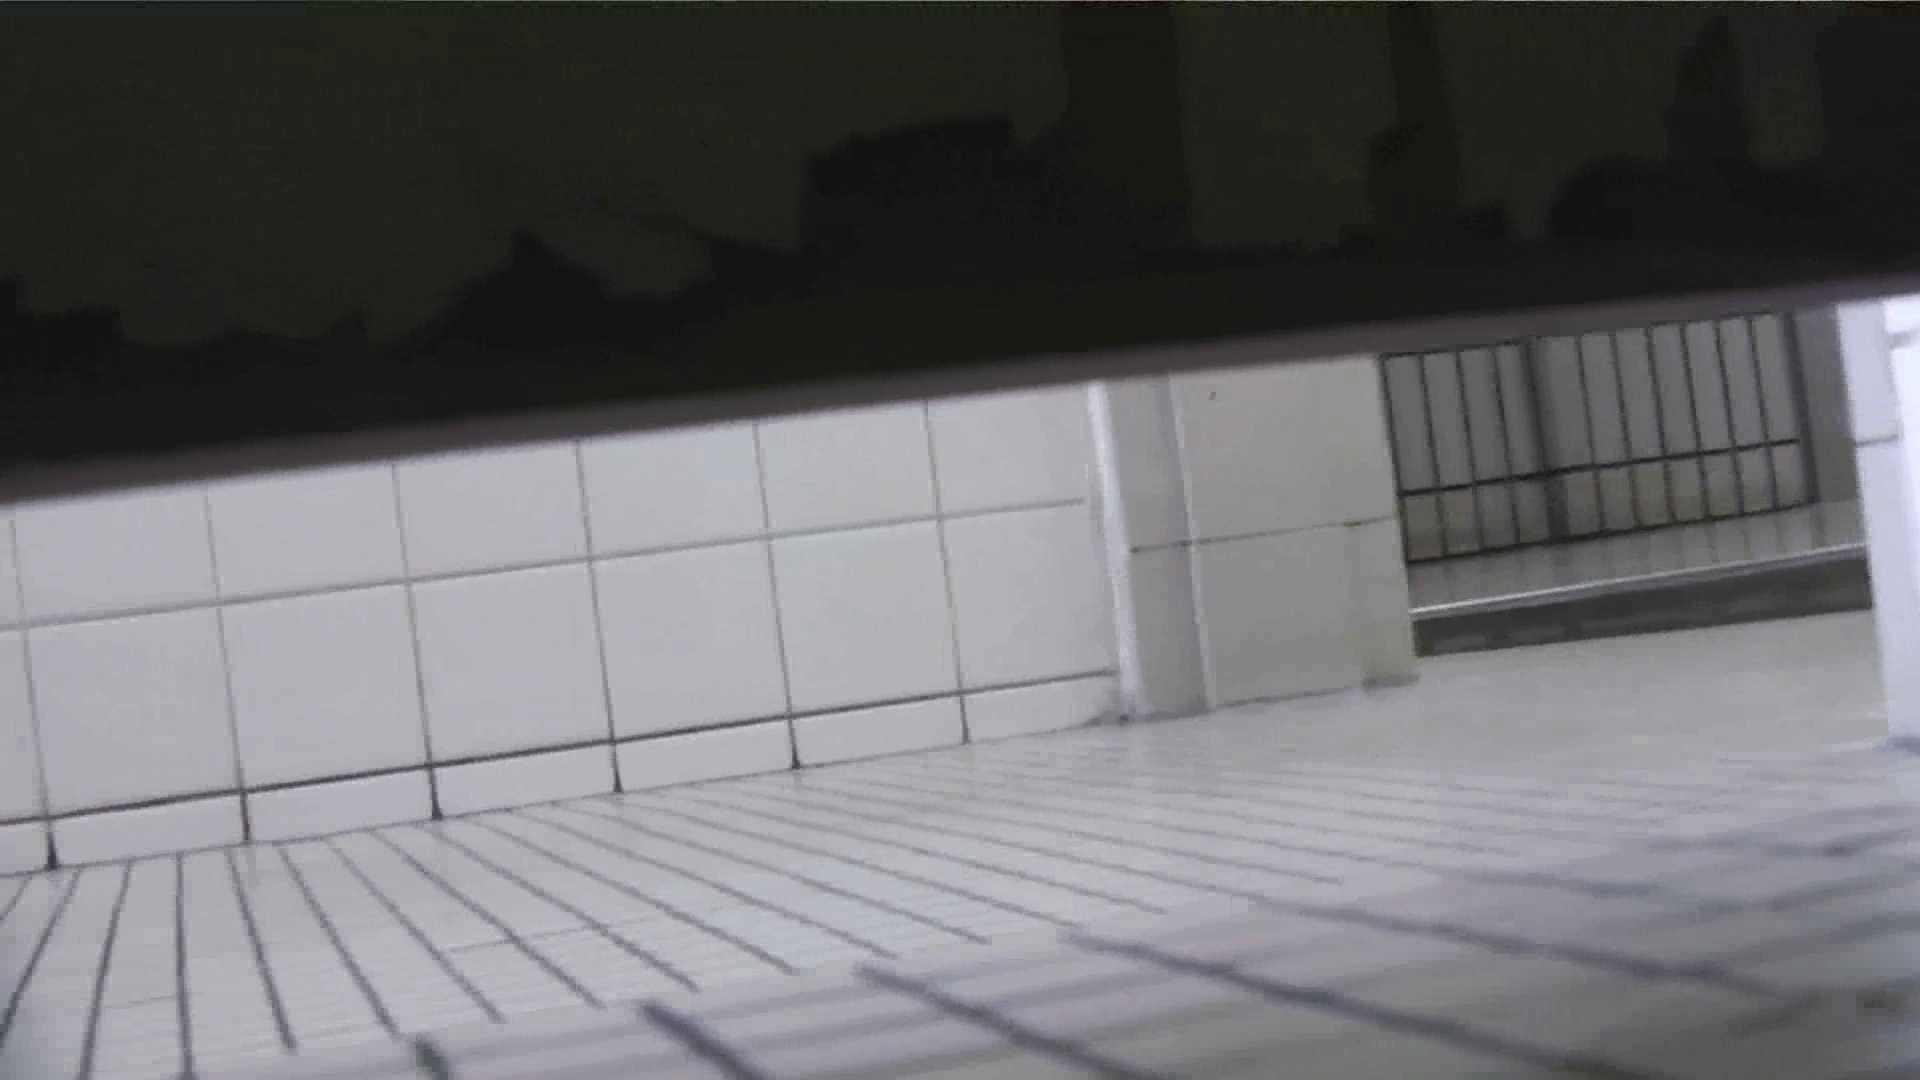 【美しき個室な世界】 vol.023 めんこい人たち 高評価  59PIX 4